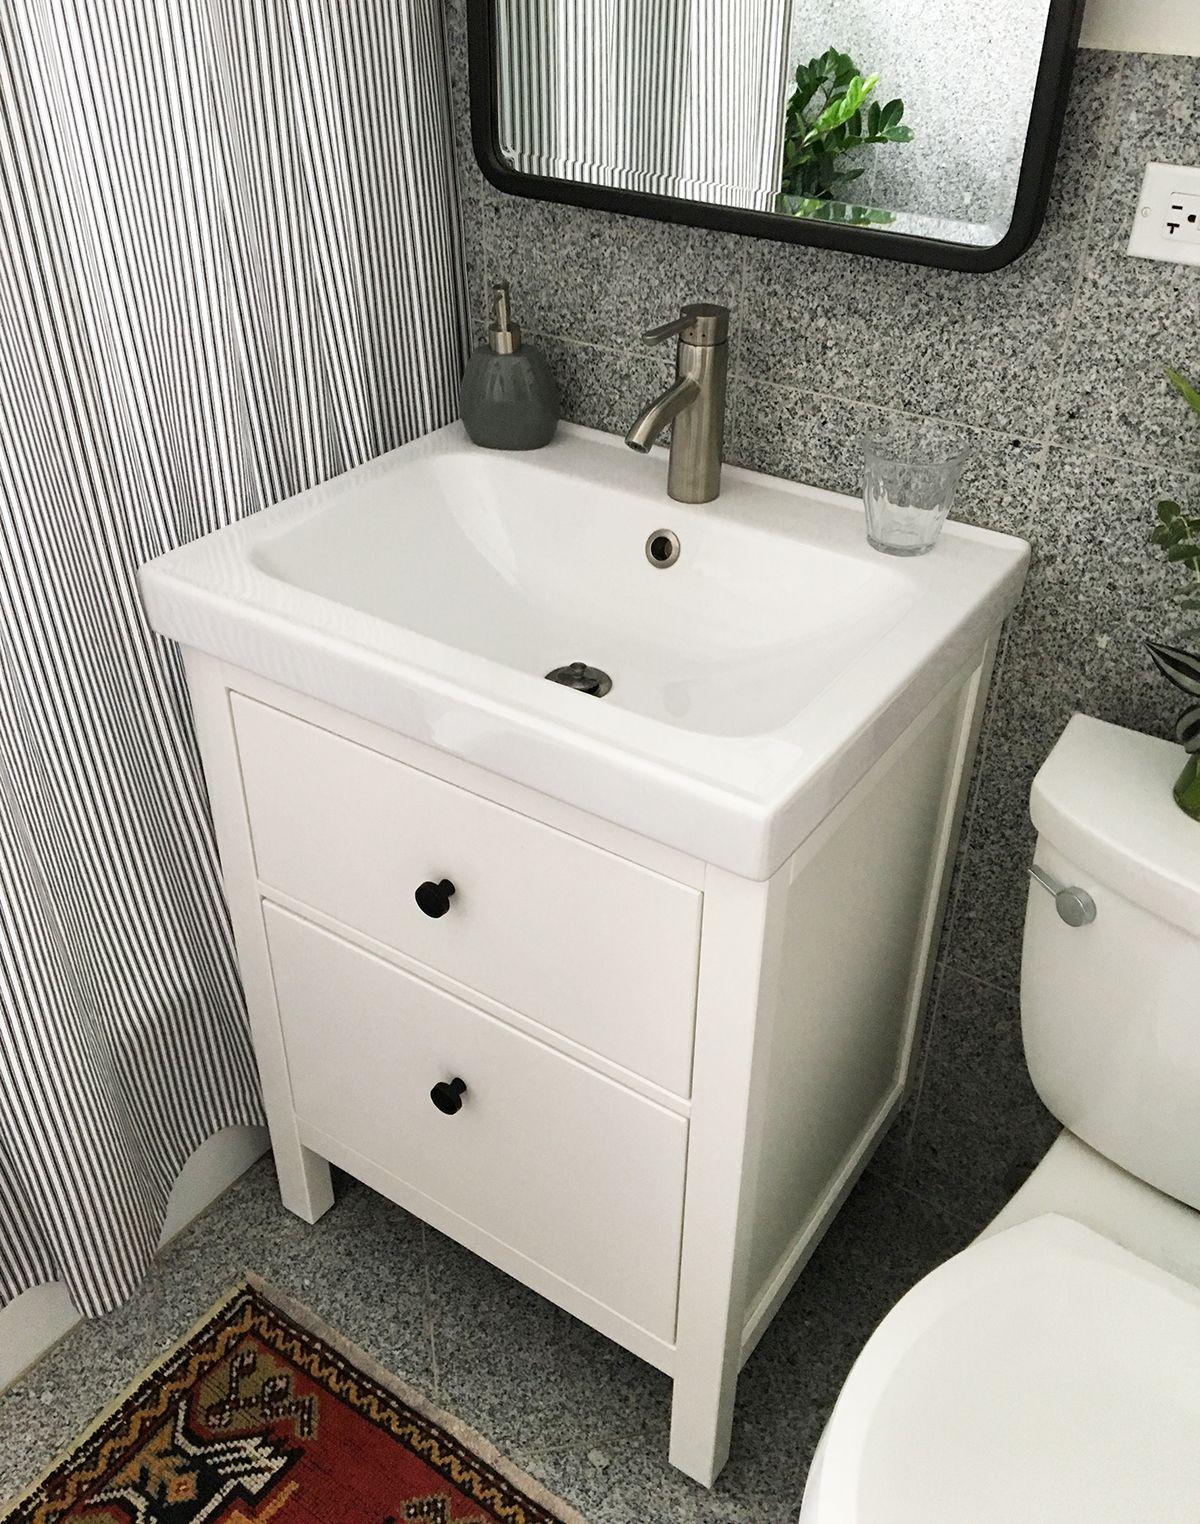 installing a hemnes odensvik bathroom vanity and sink on ikea bathroom vanities id=82725